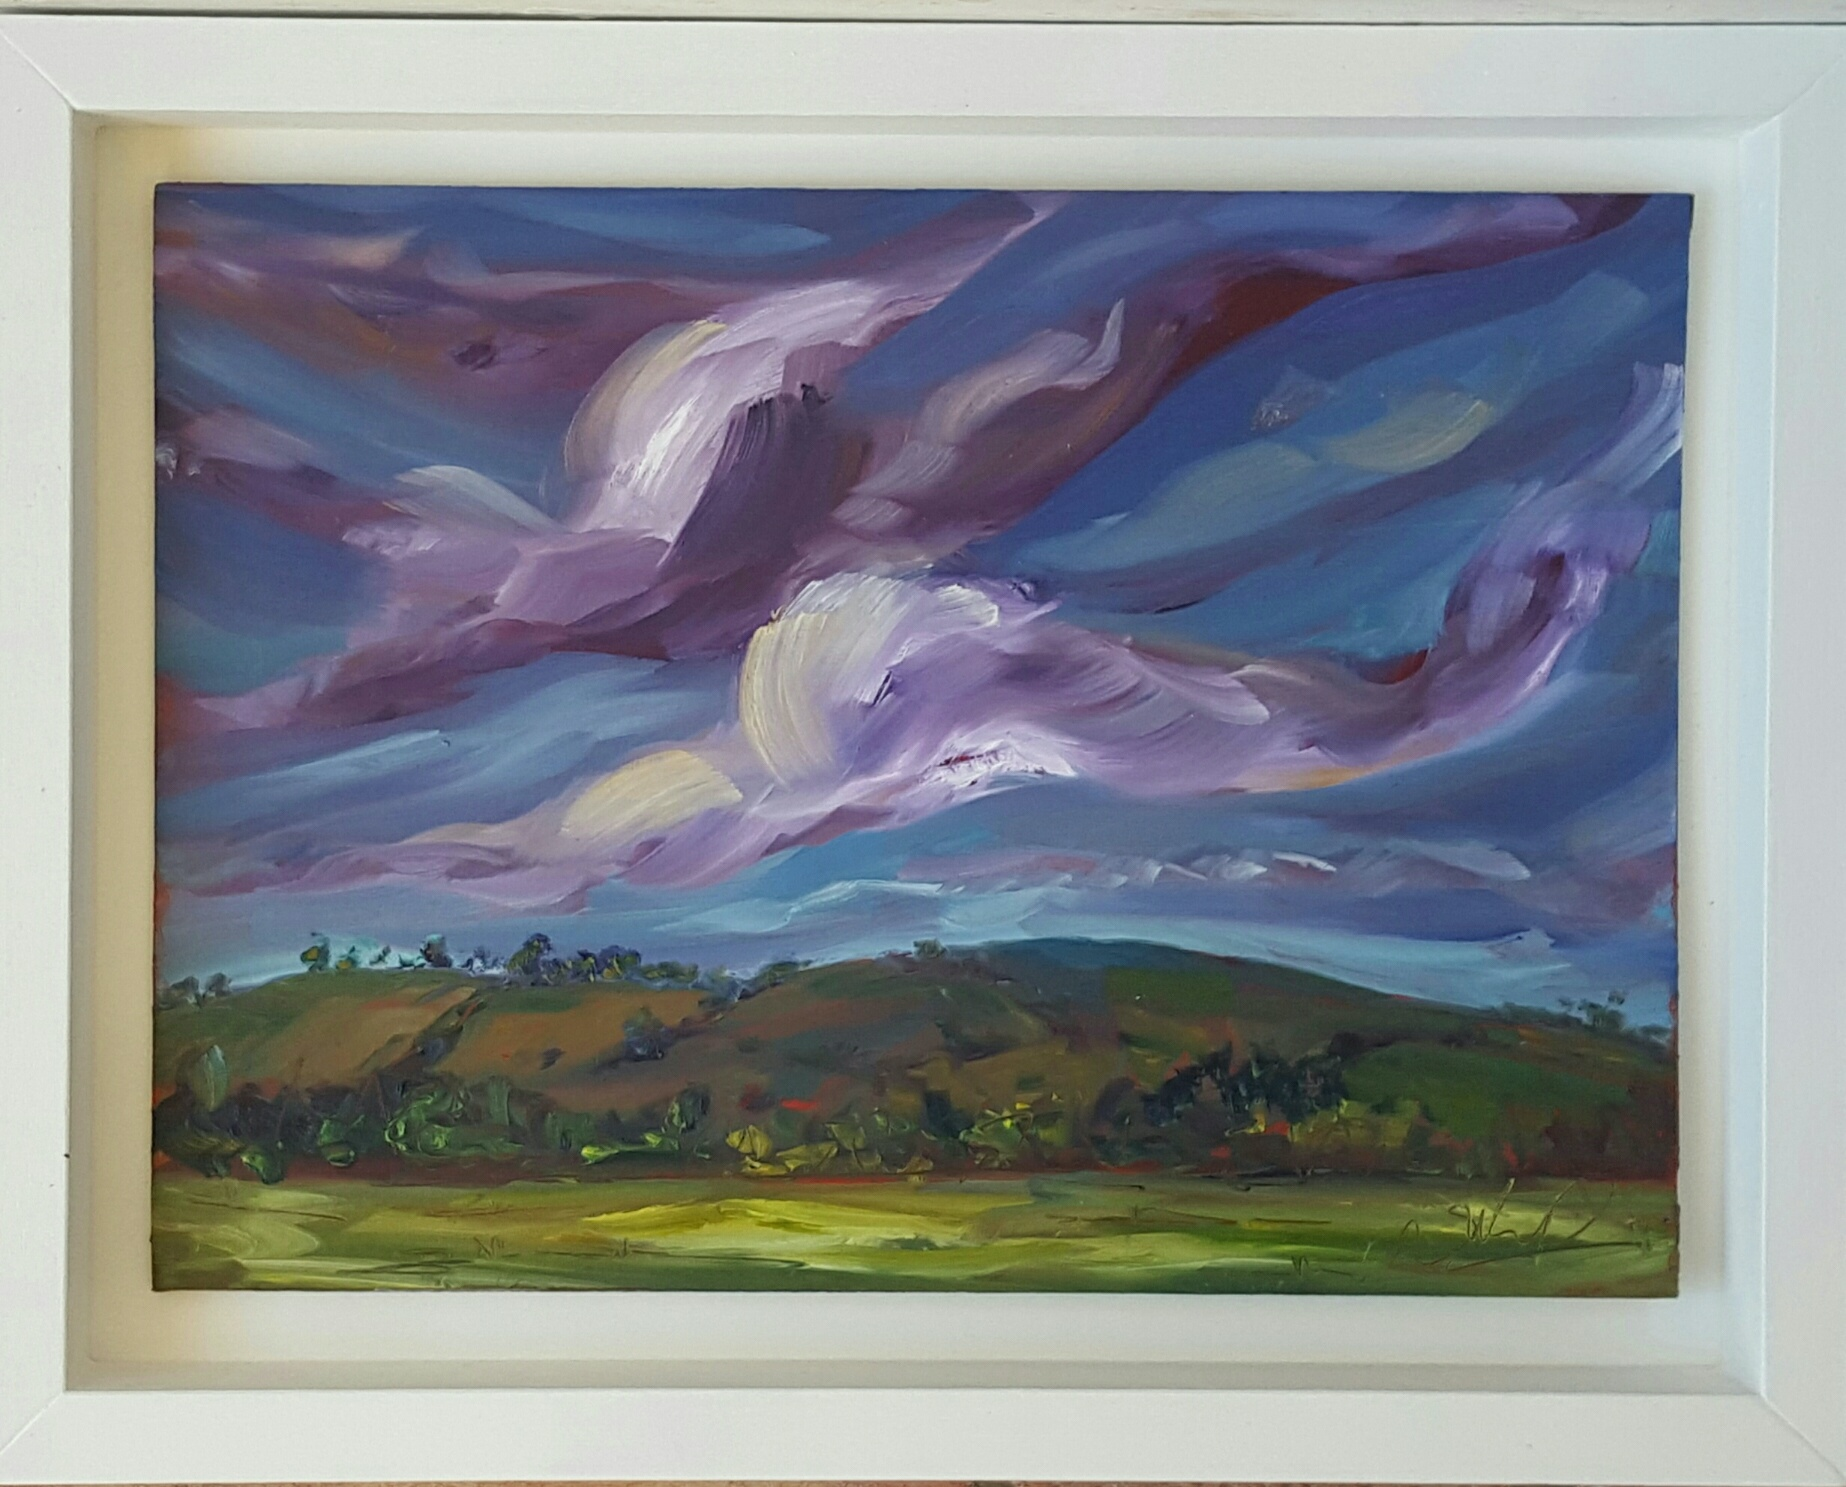 Green Fields & Lavender Skies